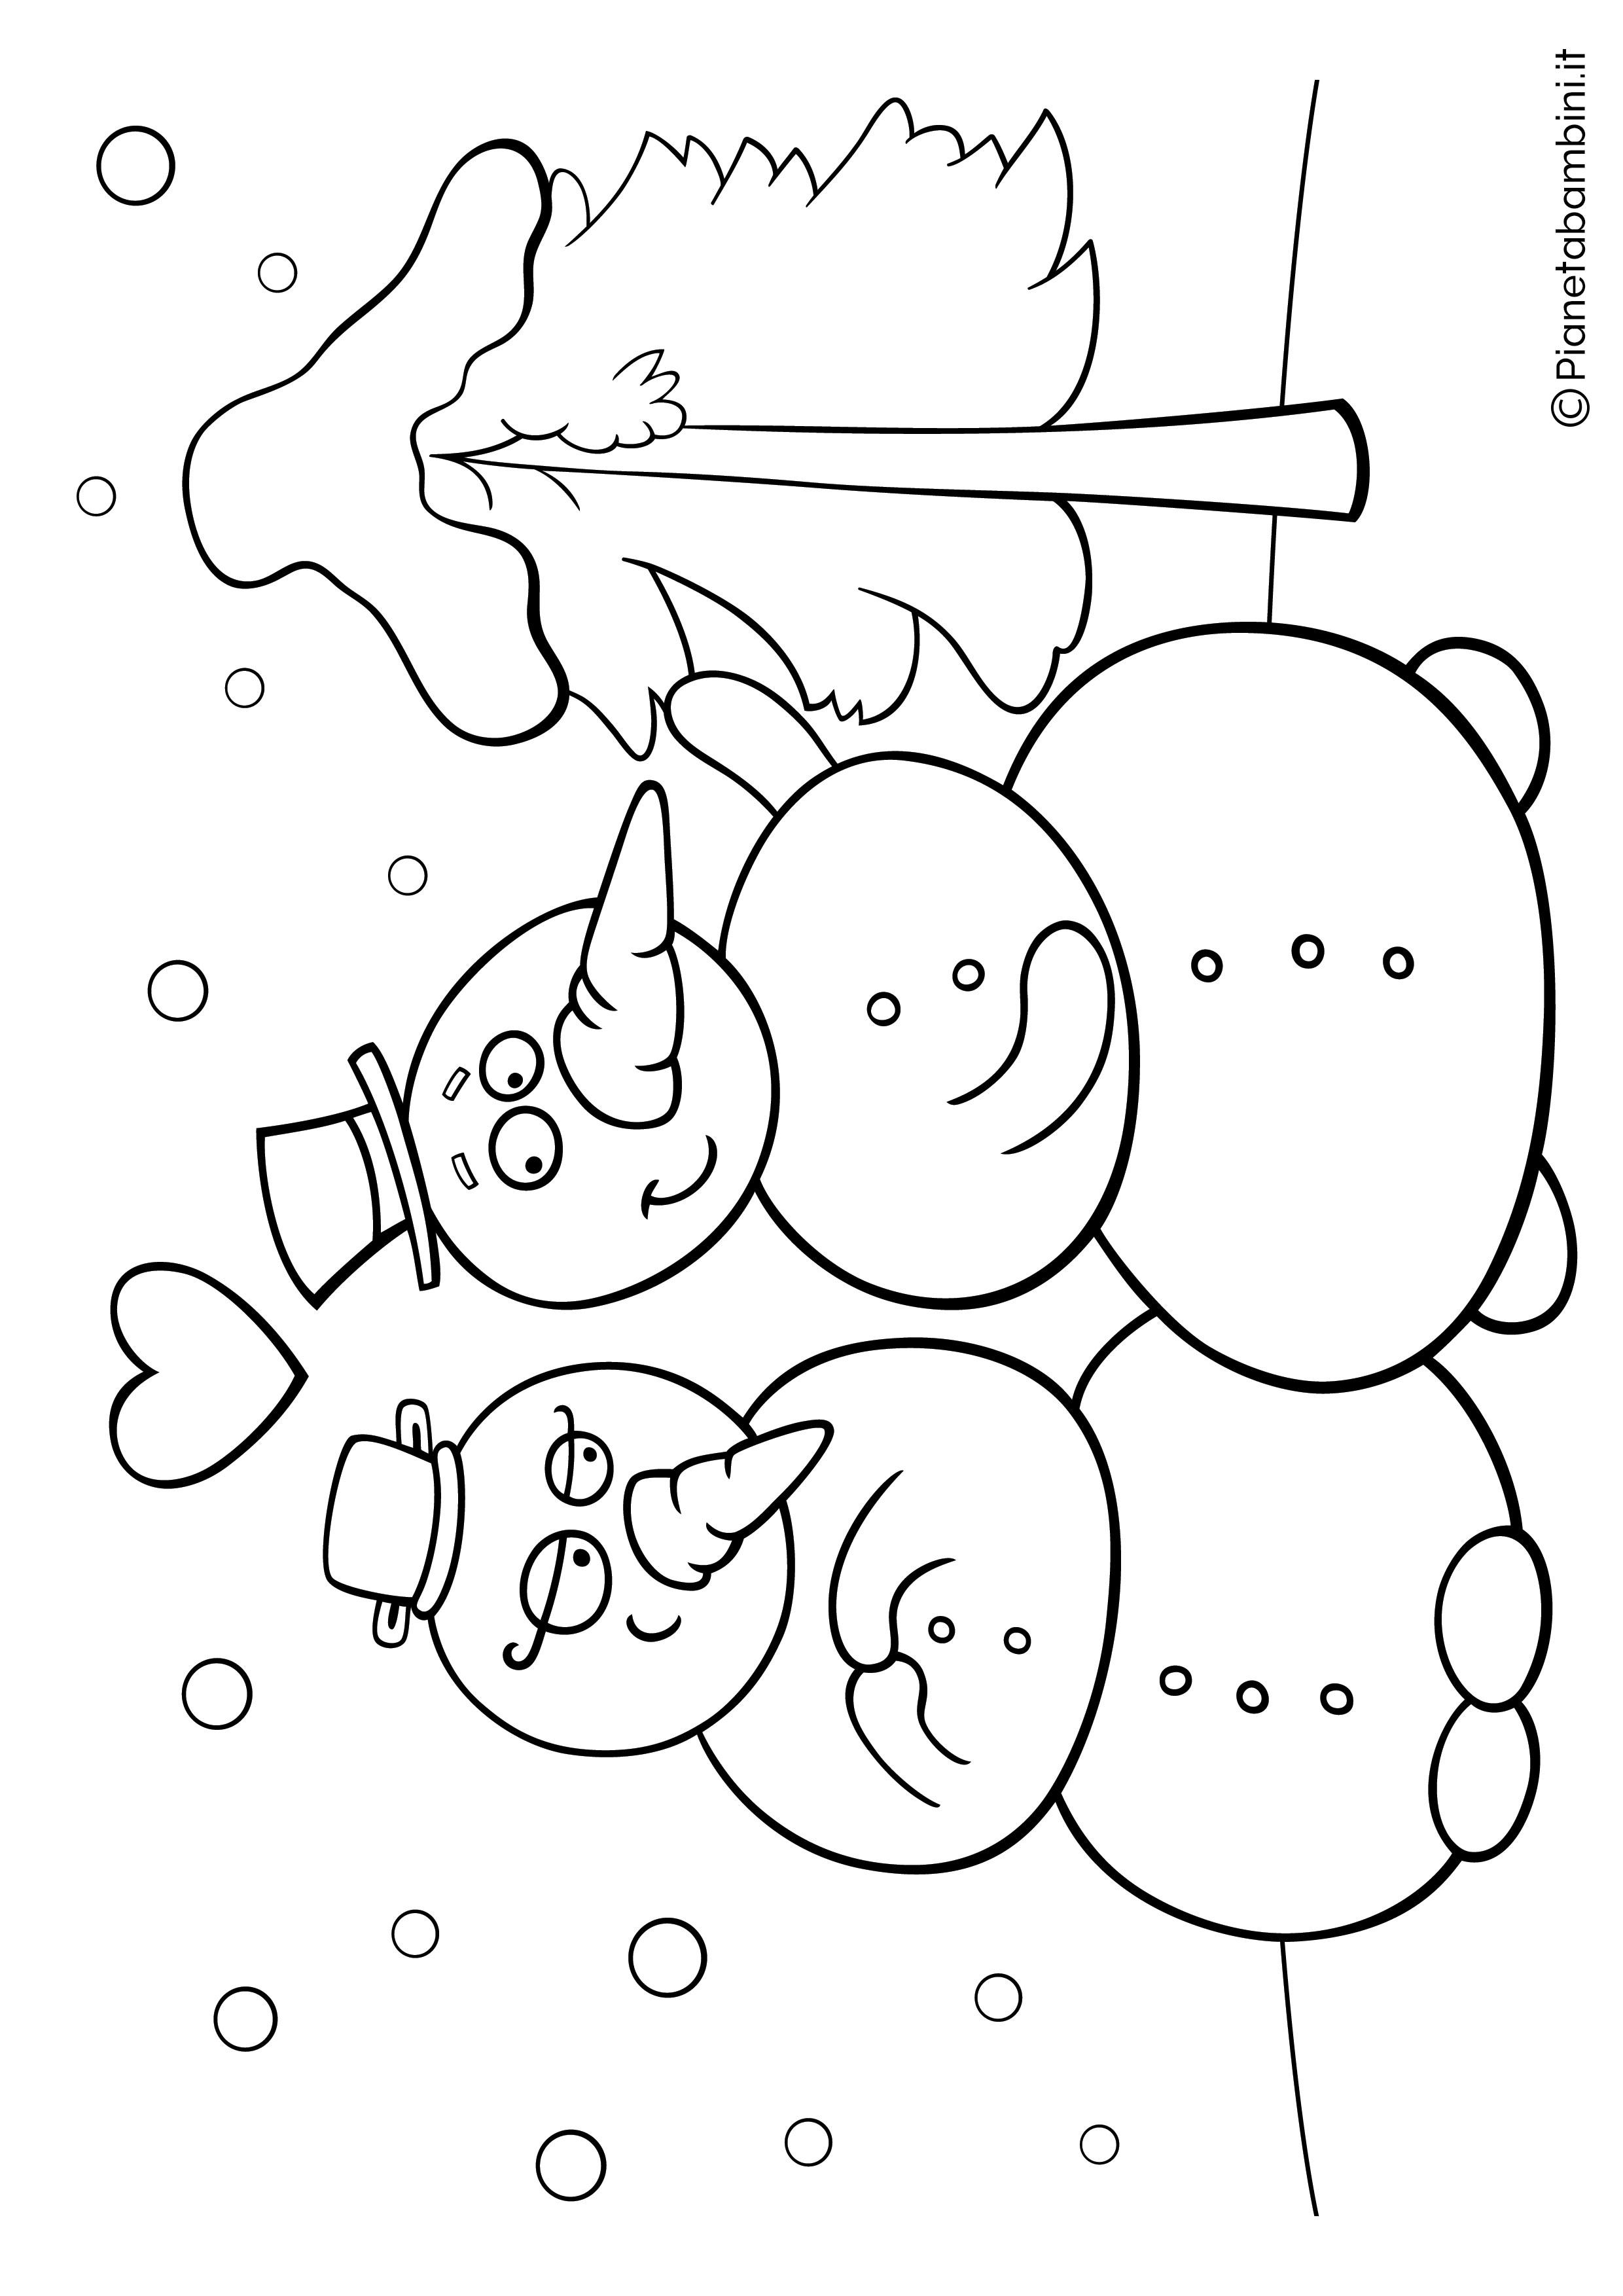 Disegno pupazzo di neve da colorare 07